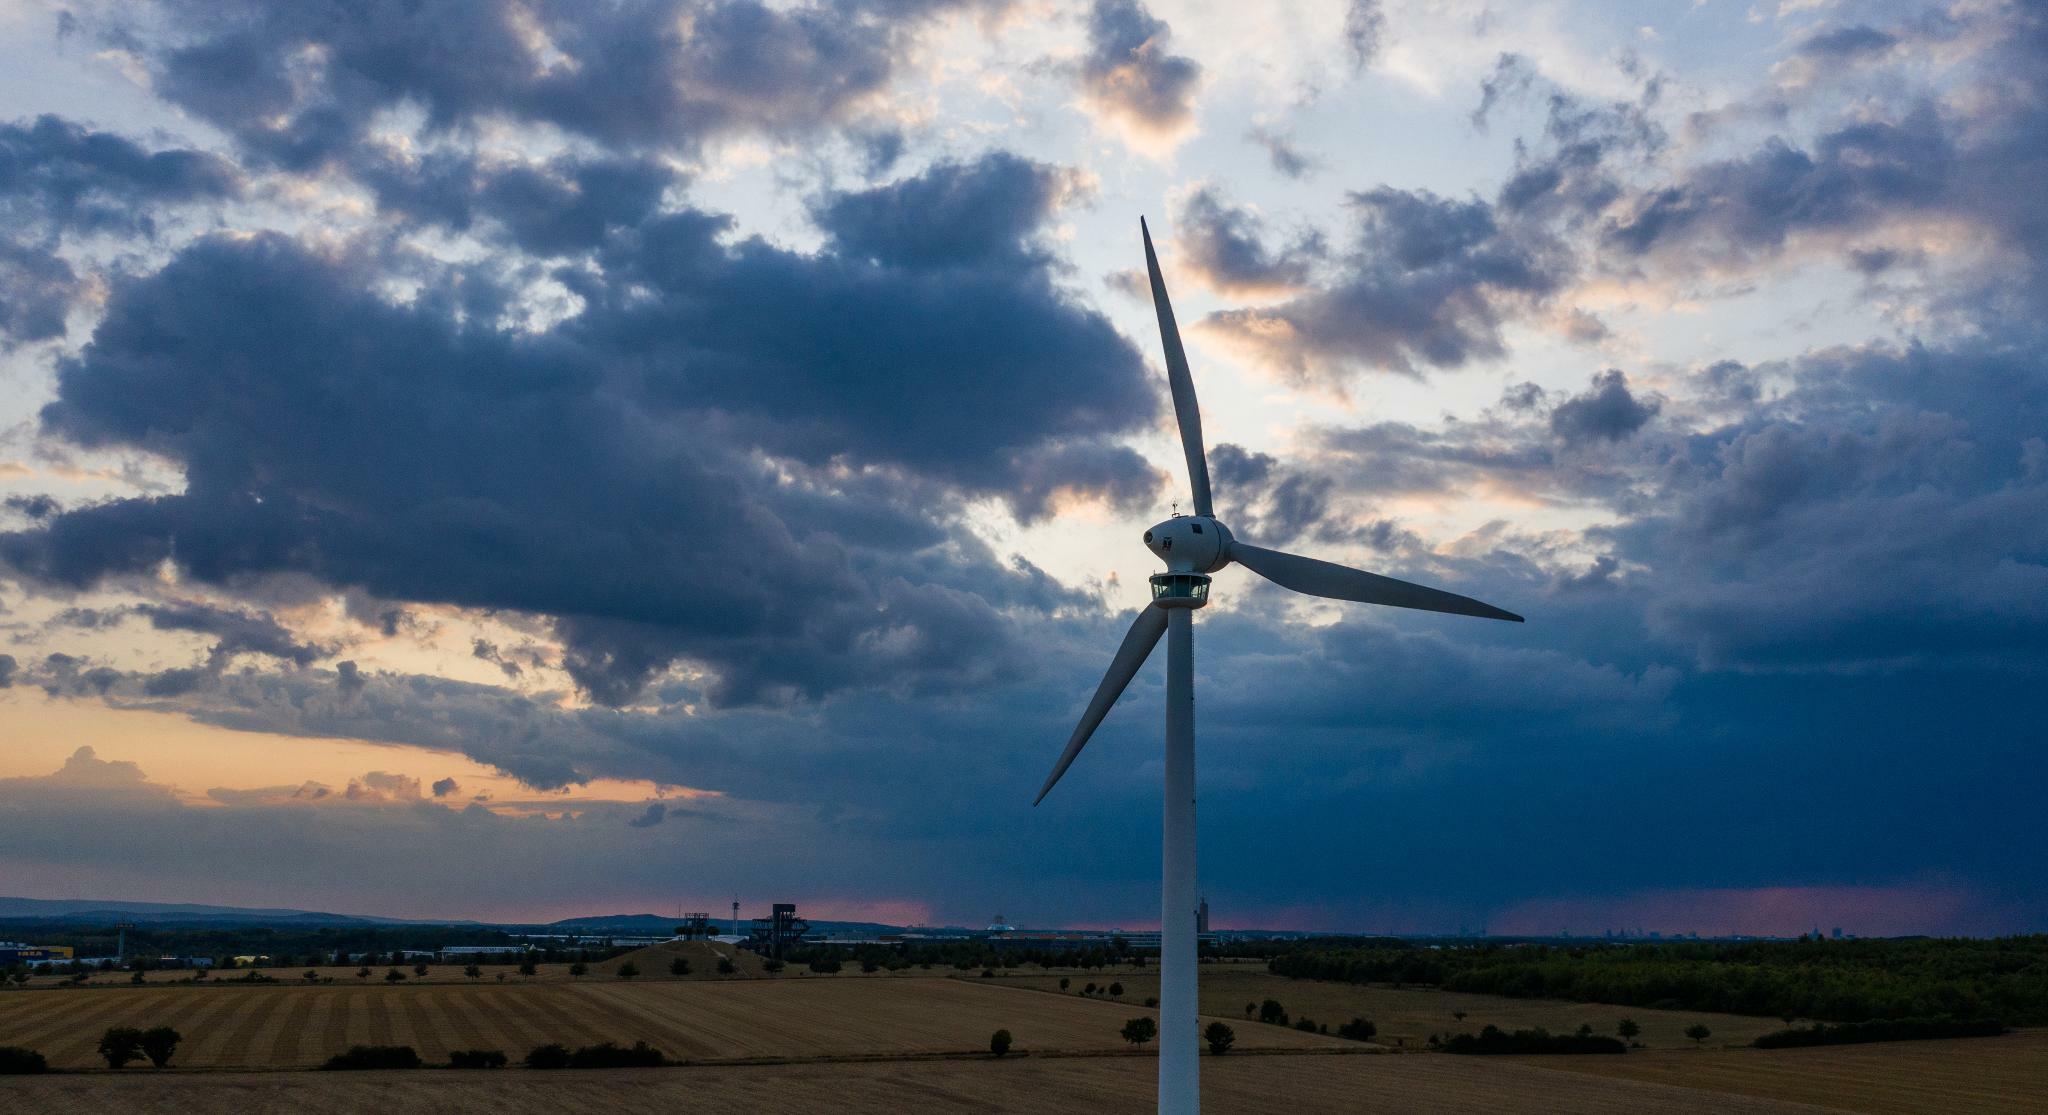 Nachhaltigkeit braucht einen anderen Stellenwert in der Politik